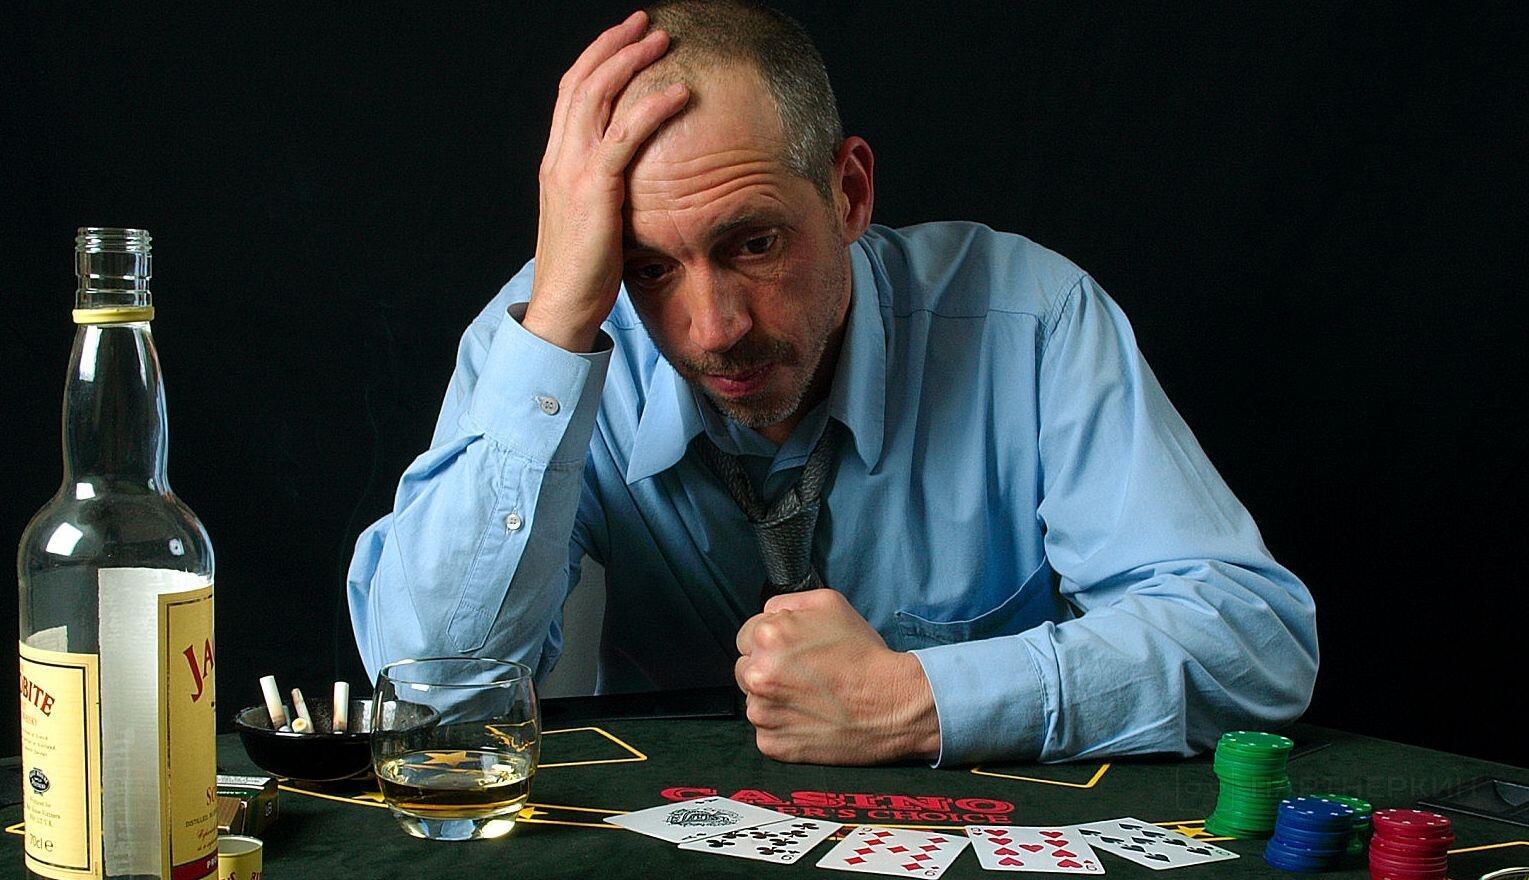 видео как мужик проиграл деньги красивыми